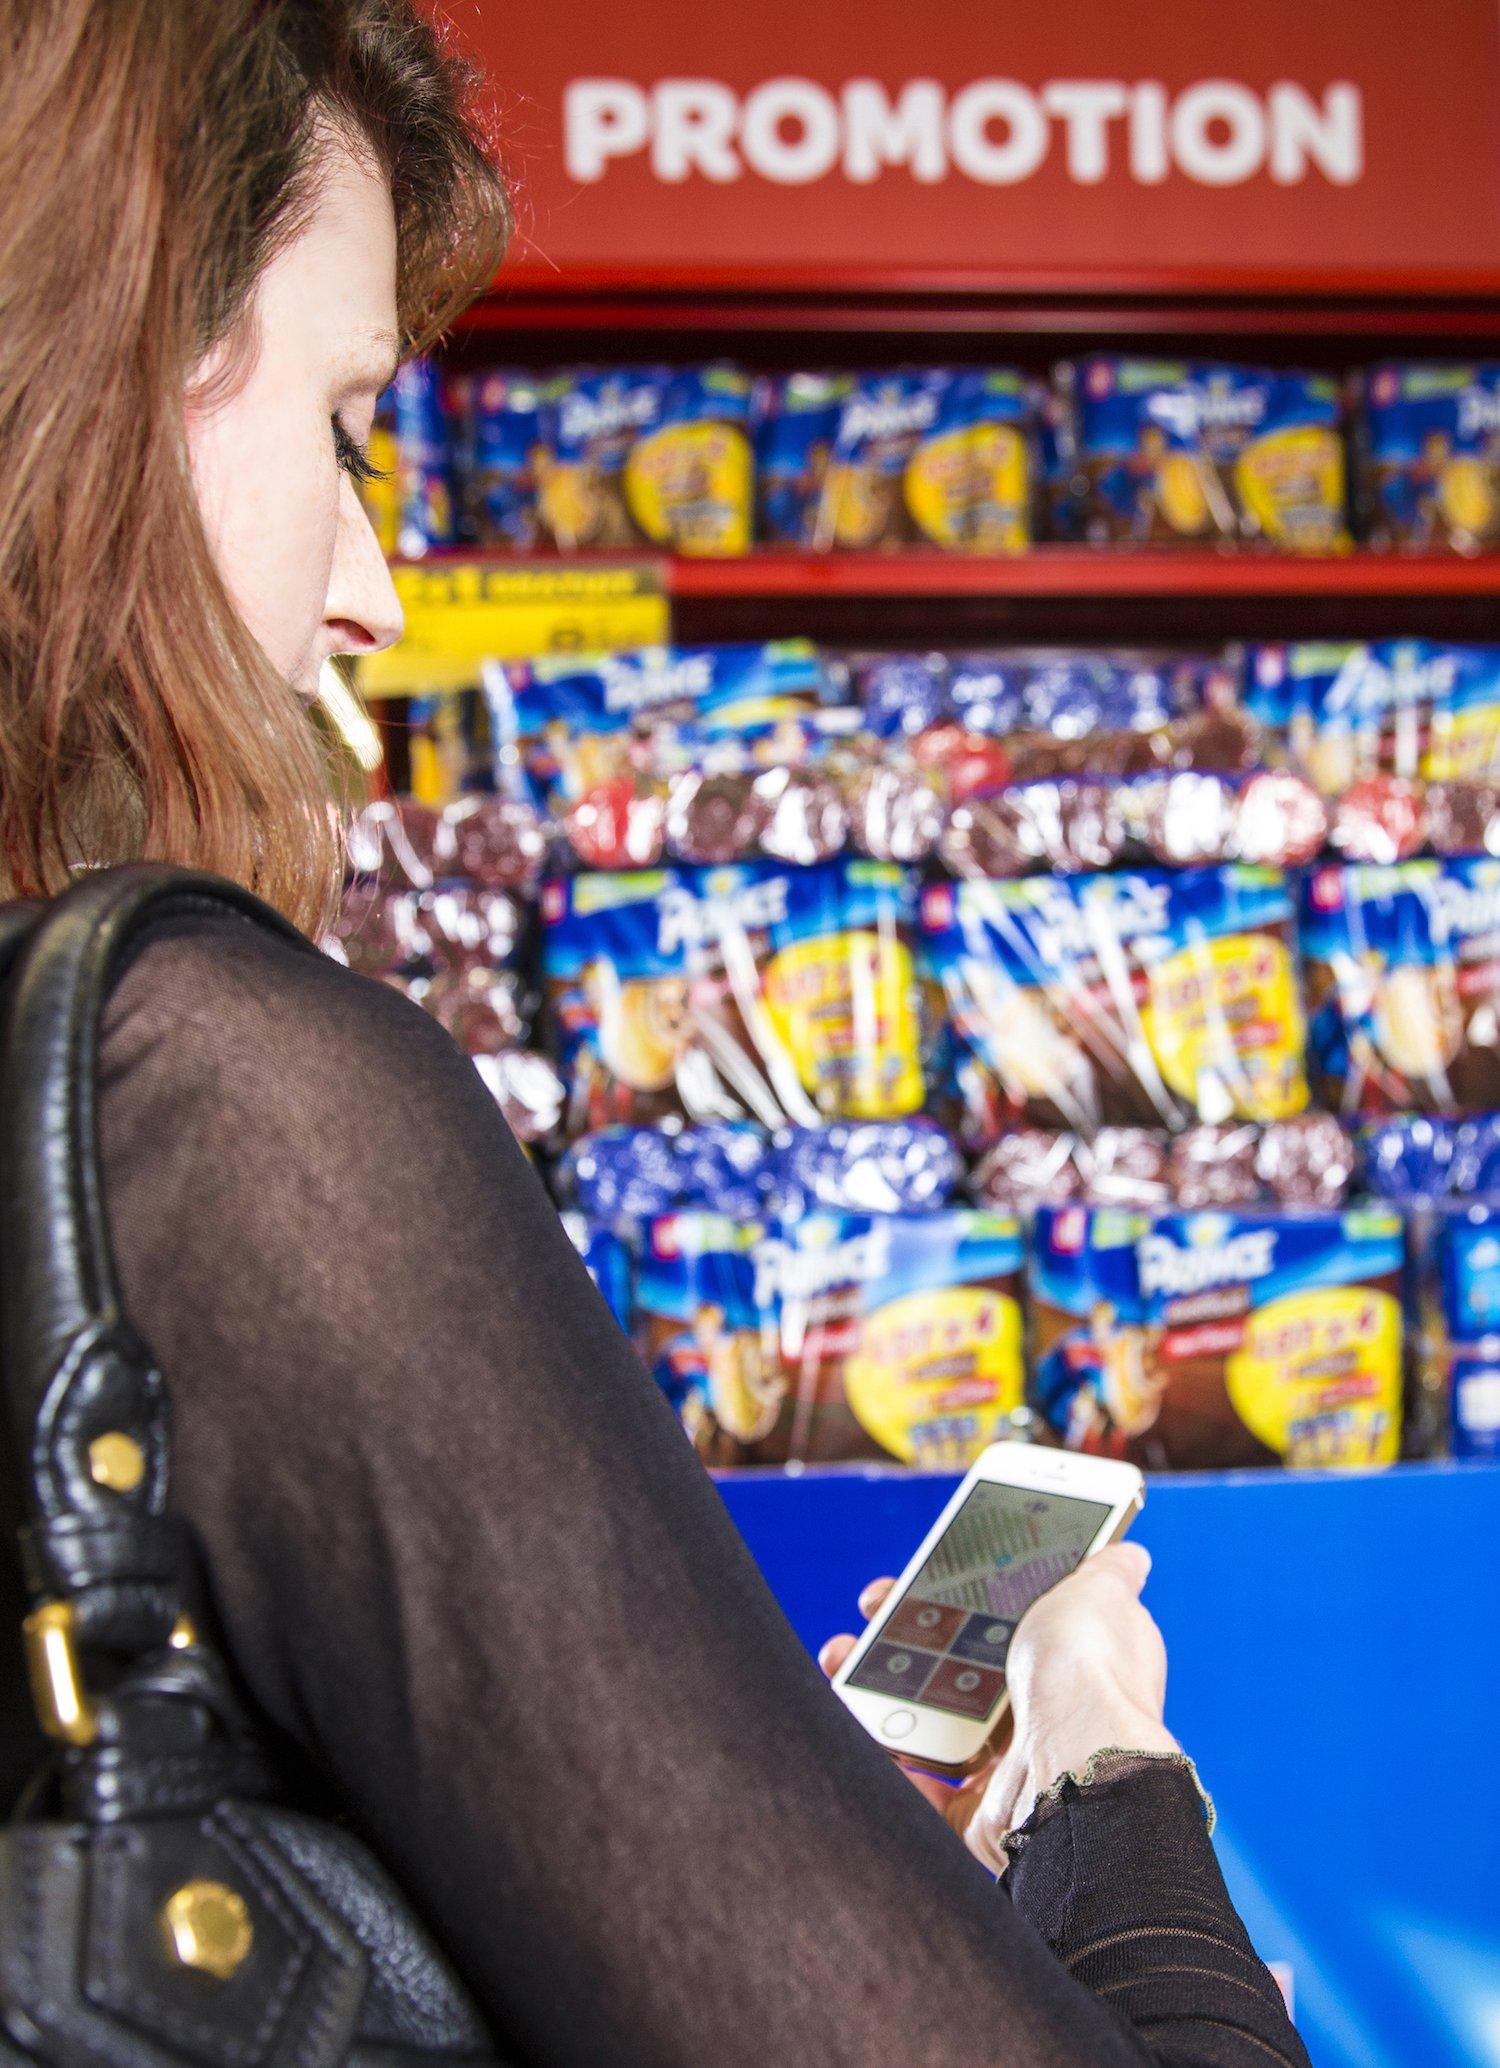 Kundin beim Einkauf: Sie überträgt ihre Einkaufsliste in eine App. Dann beginnt die Navigation zu den gewünschten Produkten.